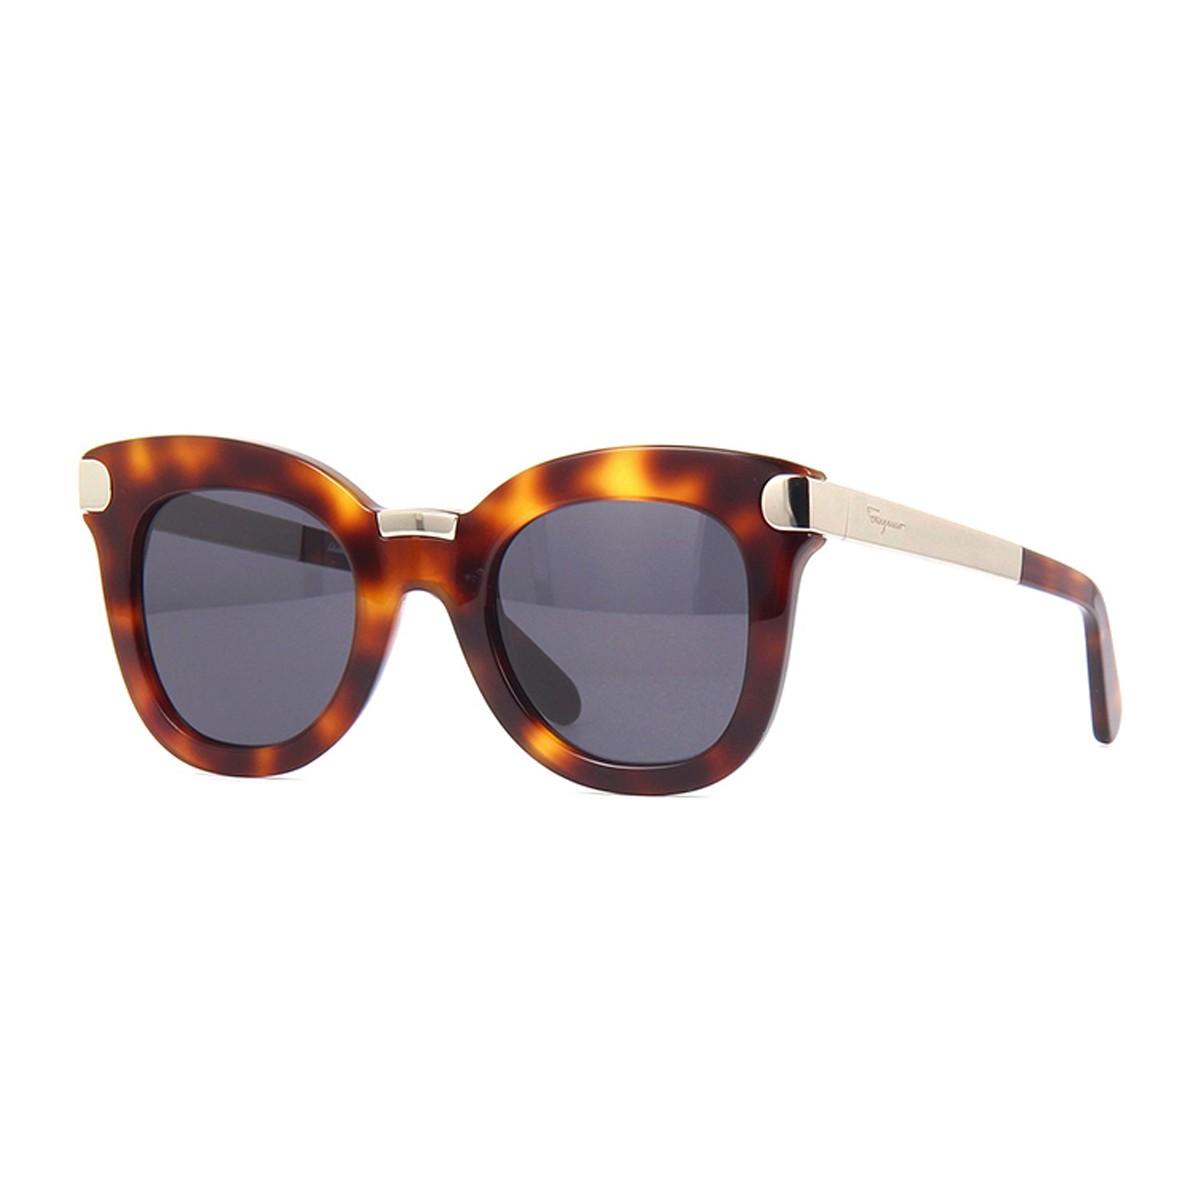 Salvatore Ferragamo SF967S | Women's sunglasses